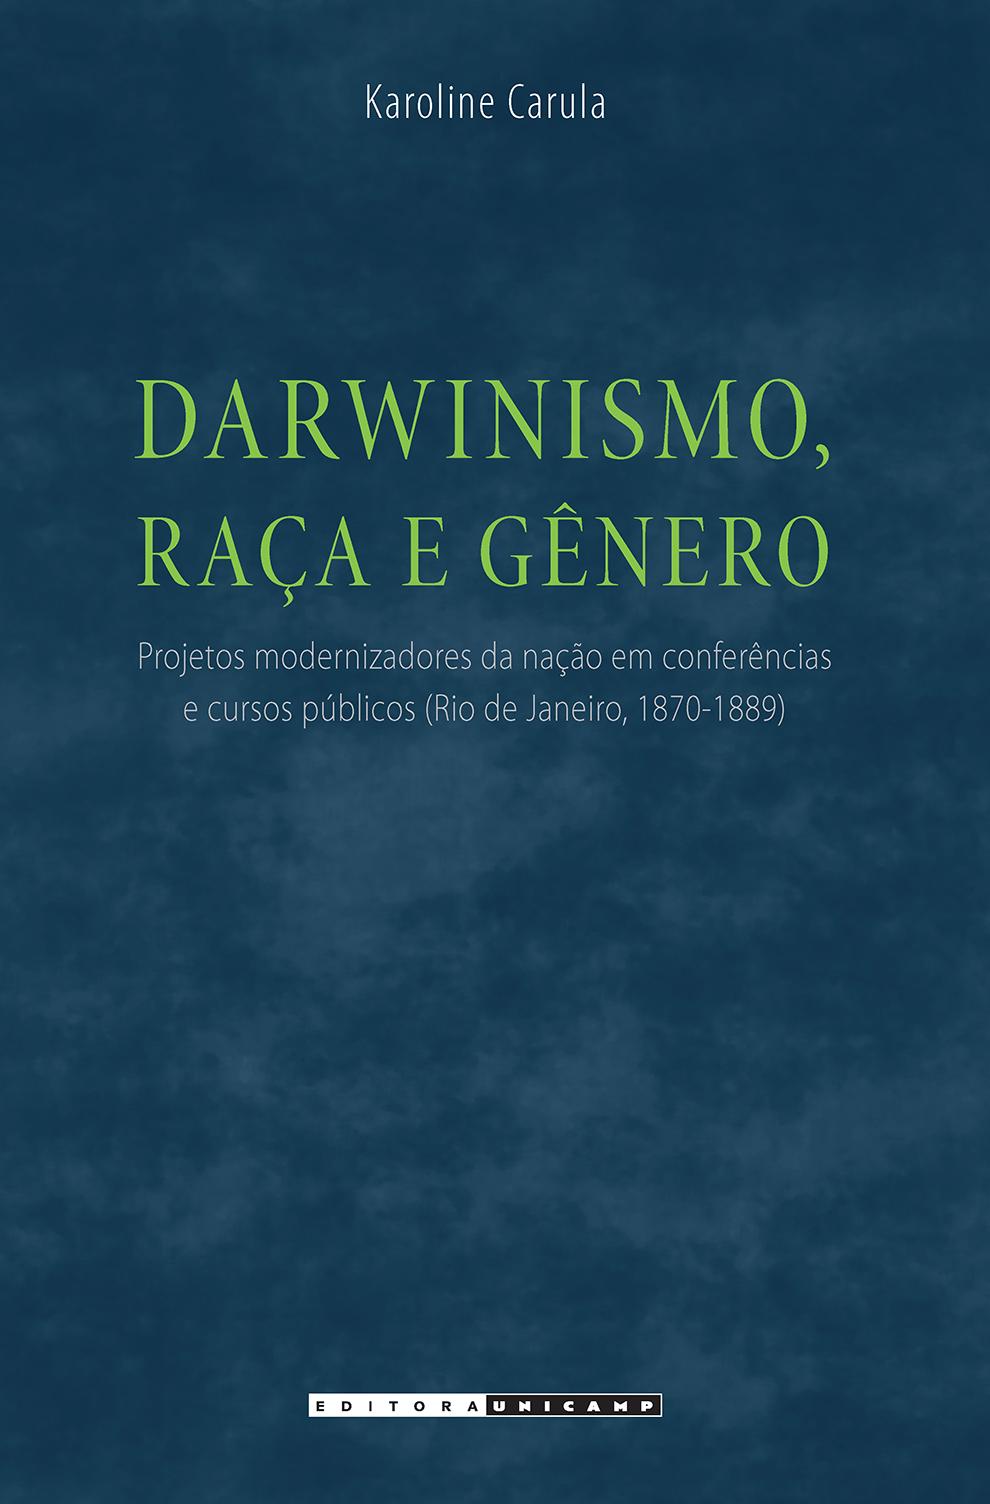 Darwinismo, raça e gênero - Projetos modernizadores da nação em conferências e cursos públicos (Rio de Janeiro, 1870-1889), livro de Karoline Carula